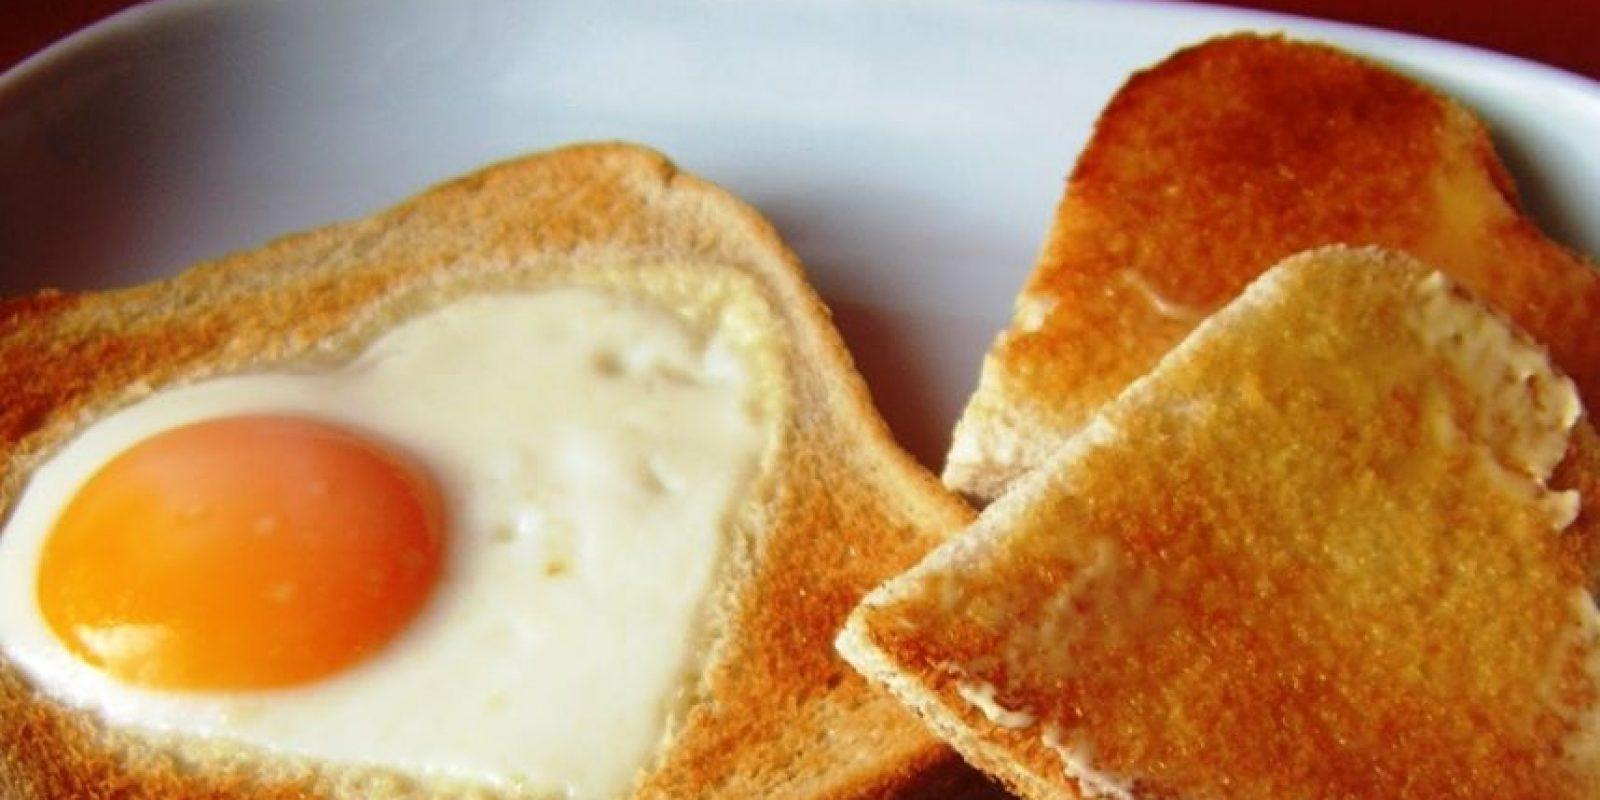 Tostadas con huevo frito. El huevo es un alimento rico en proteínas; la pagina web www.imujer.com recomienda este plato para iniciar el día estupendamente.Ingredientes4 rebanadas de pan brioche, 3 cucharadas de mantequilla sin sal (derretida), 1/4 de cucharadita de sal, una pizca de pimienta negra recién molida y 4 huevosPreparación1. Para hacer un huevo frito dentro de tostadas, primero haz un agujero de unos 6 cm en el centro de cada rebanada de pan. Con un cuchillo haz un corte en el medio del pan, hasta lograr la forma deseada.2. Mezcla la mantequilla derretida, la sal y la pimienta. Unta la preparación en cada lado de las rebanadas de pan, incluyendo la parte interior del agujero.3. Tuesta las rebanadas de pan en una sartén antiadherente a fuego medio-bajo hasta que estén doradas. Dale la vuelta al pan y parte un huevo en cada agujero. Deja cocinar el huevo durante 90 segundos o 2 minutos. La clara debe quedar bien cocida. Sirve inmediatamente.